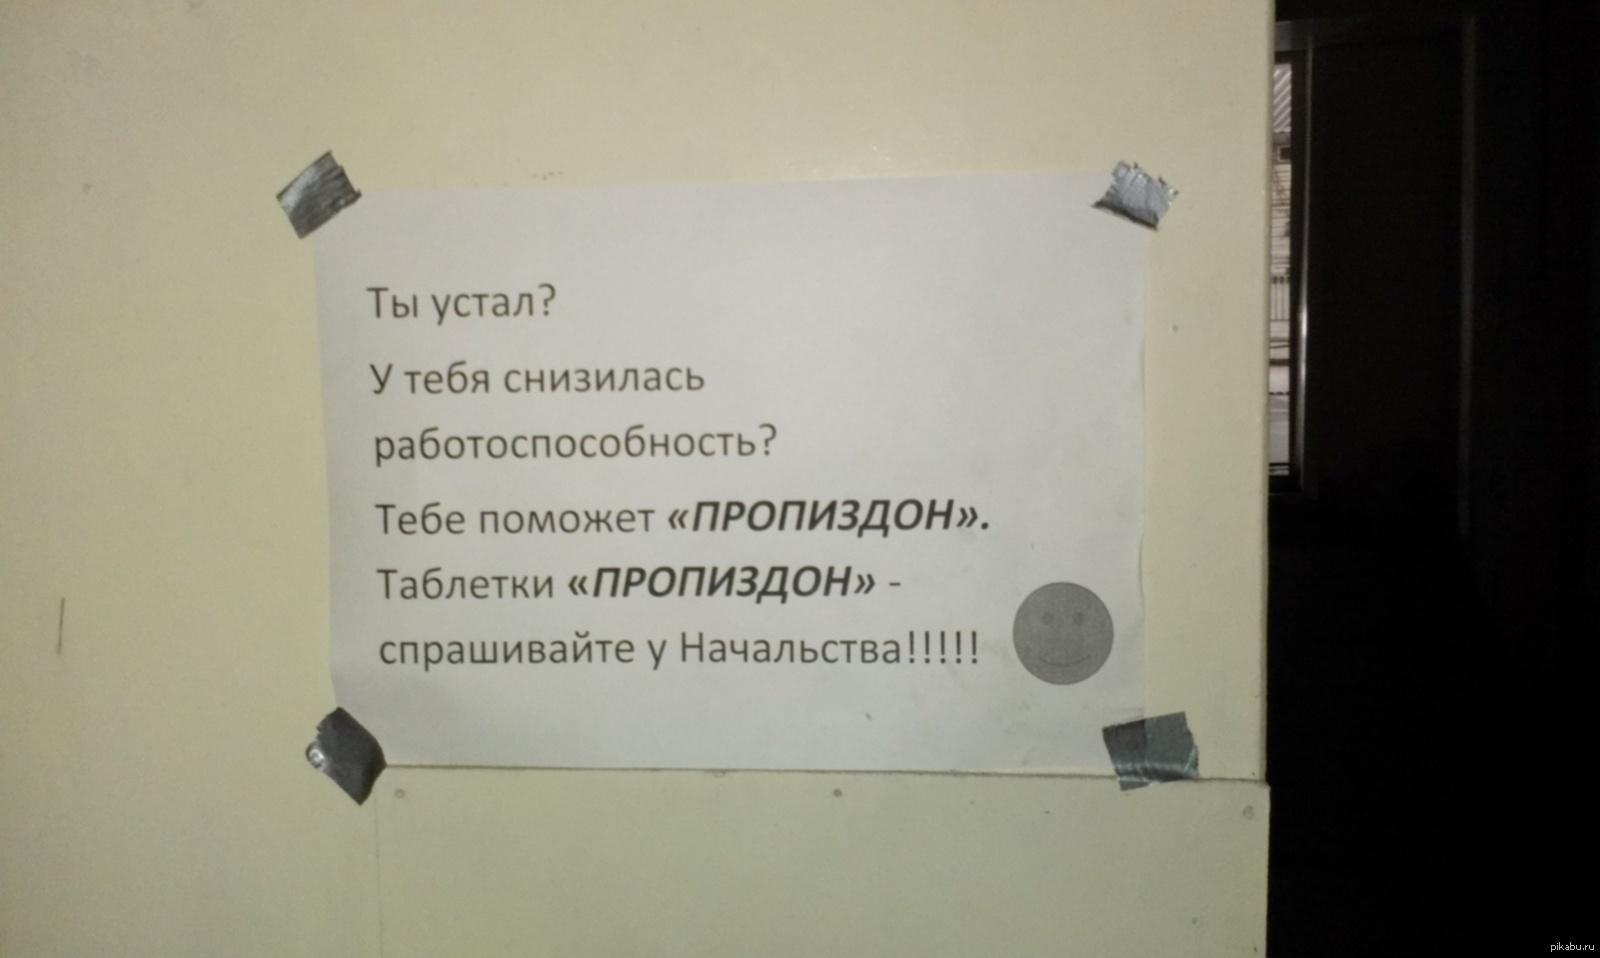 http://s7.pikabu.ru/post_img/big/2014/08/09/4/1407558146_1187622090.jpg